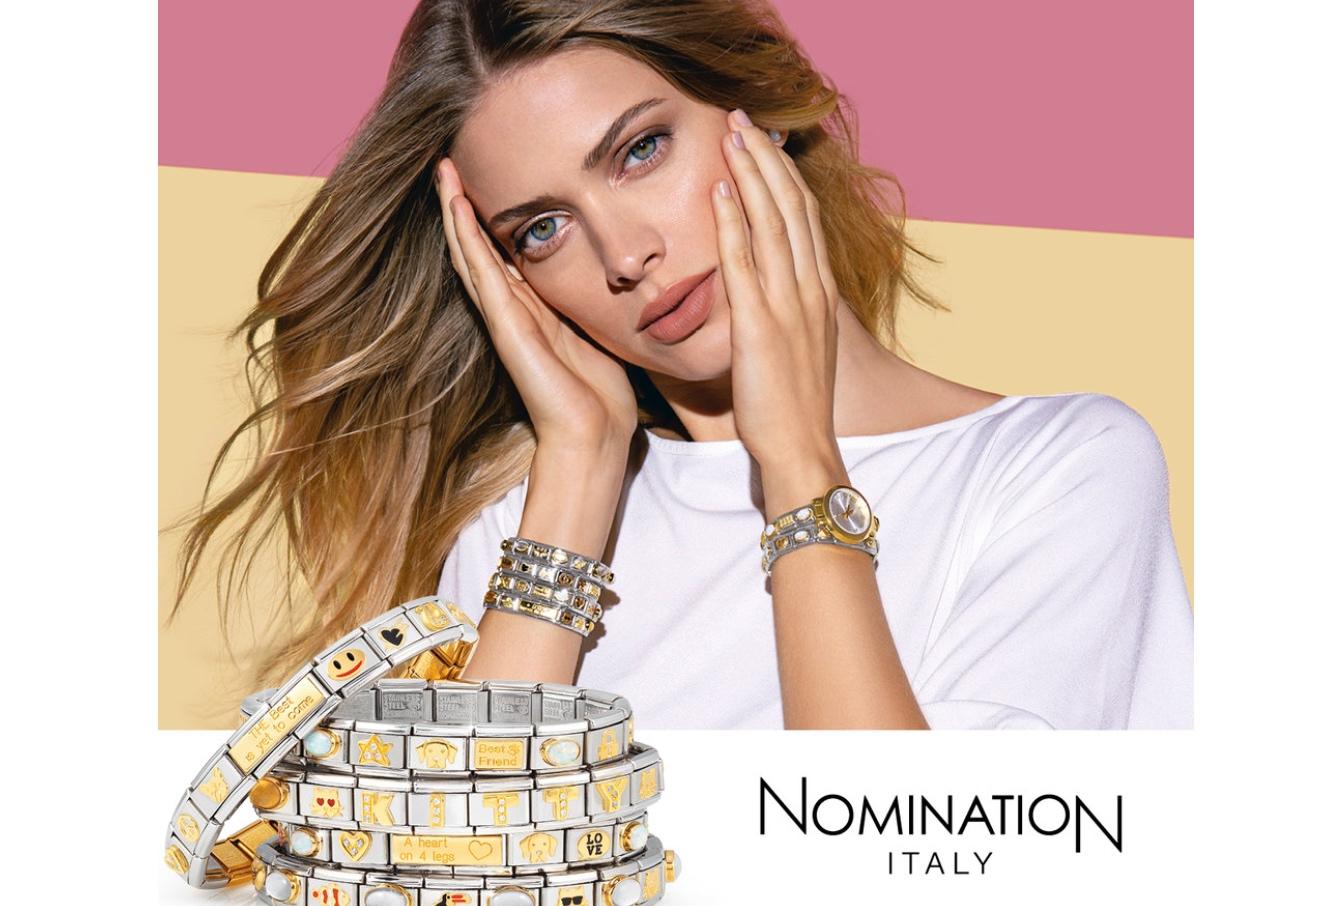 image: Nomination